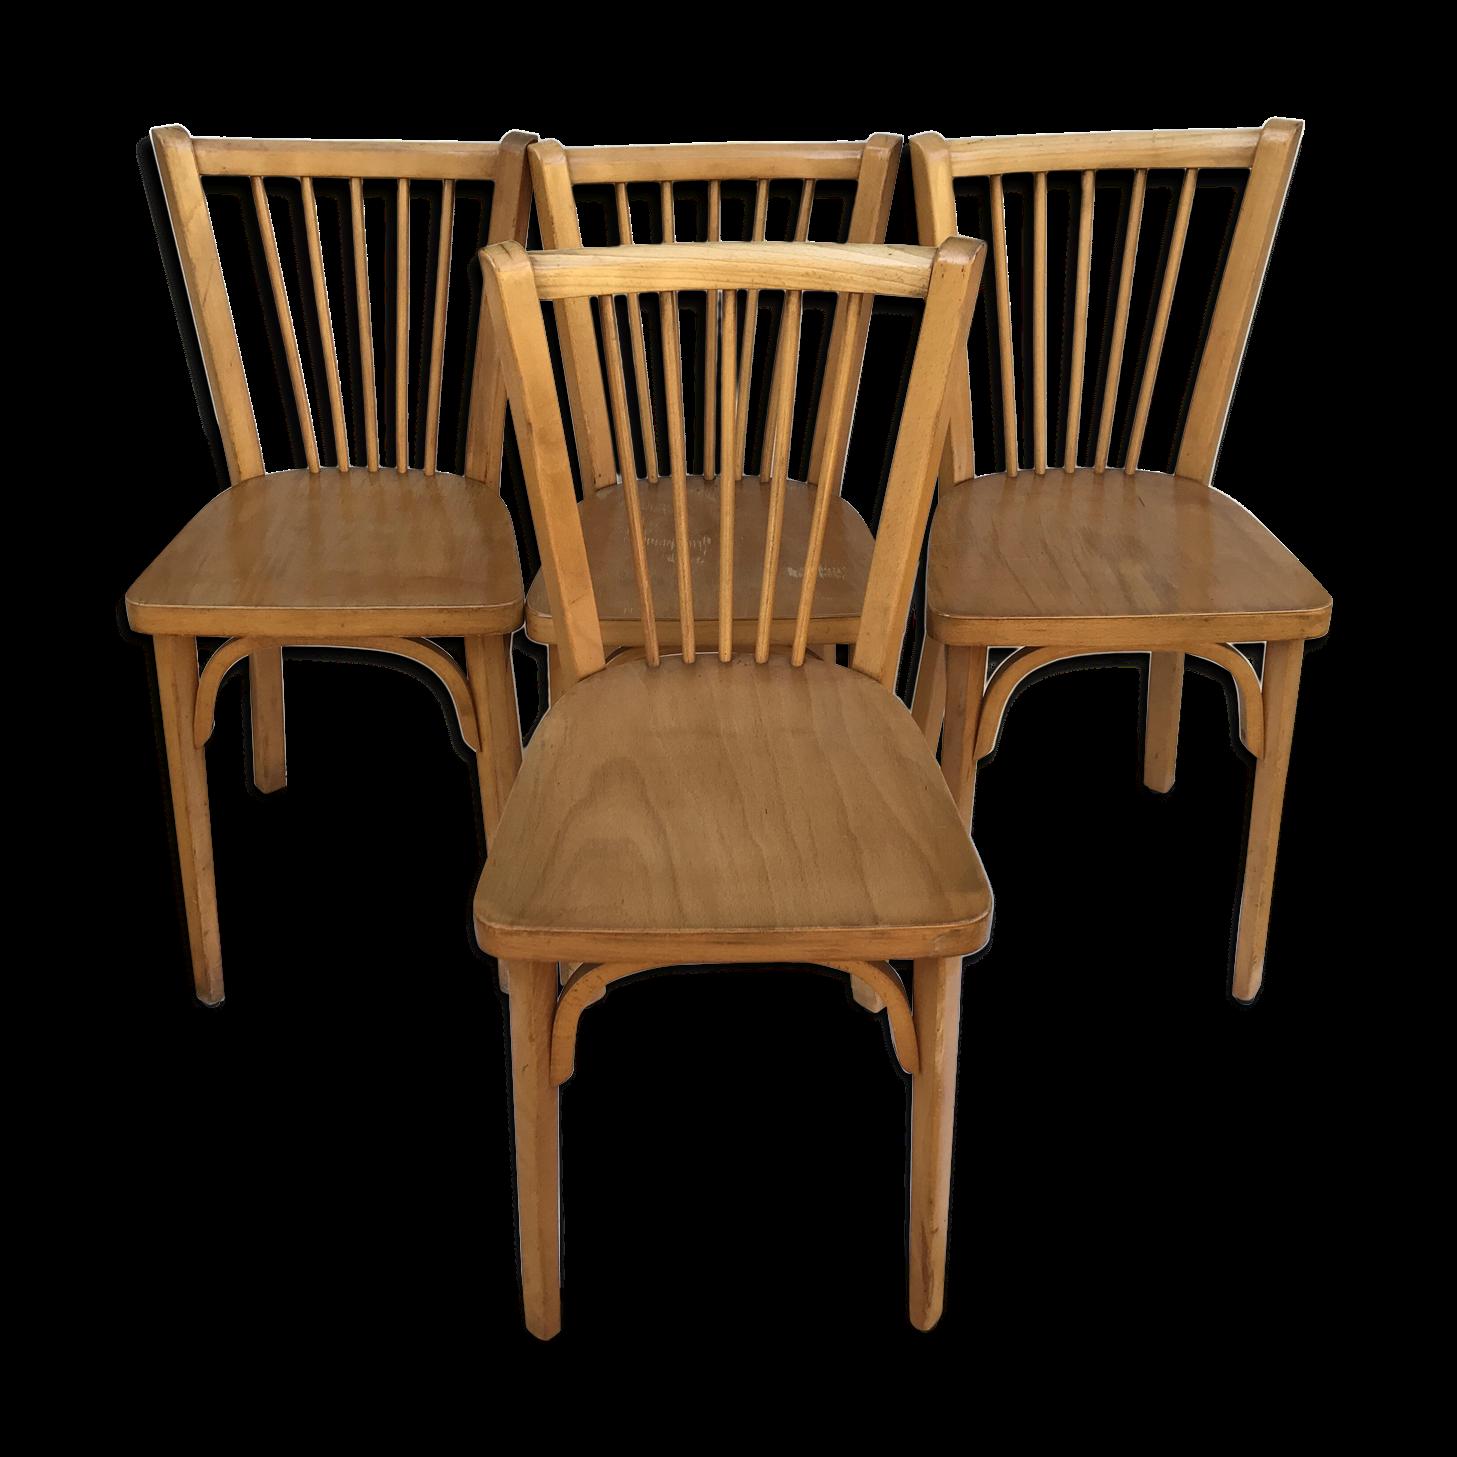 Chaise baumann prix 161 chaise id es for Chaise bistrot baumann prix